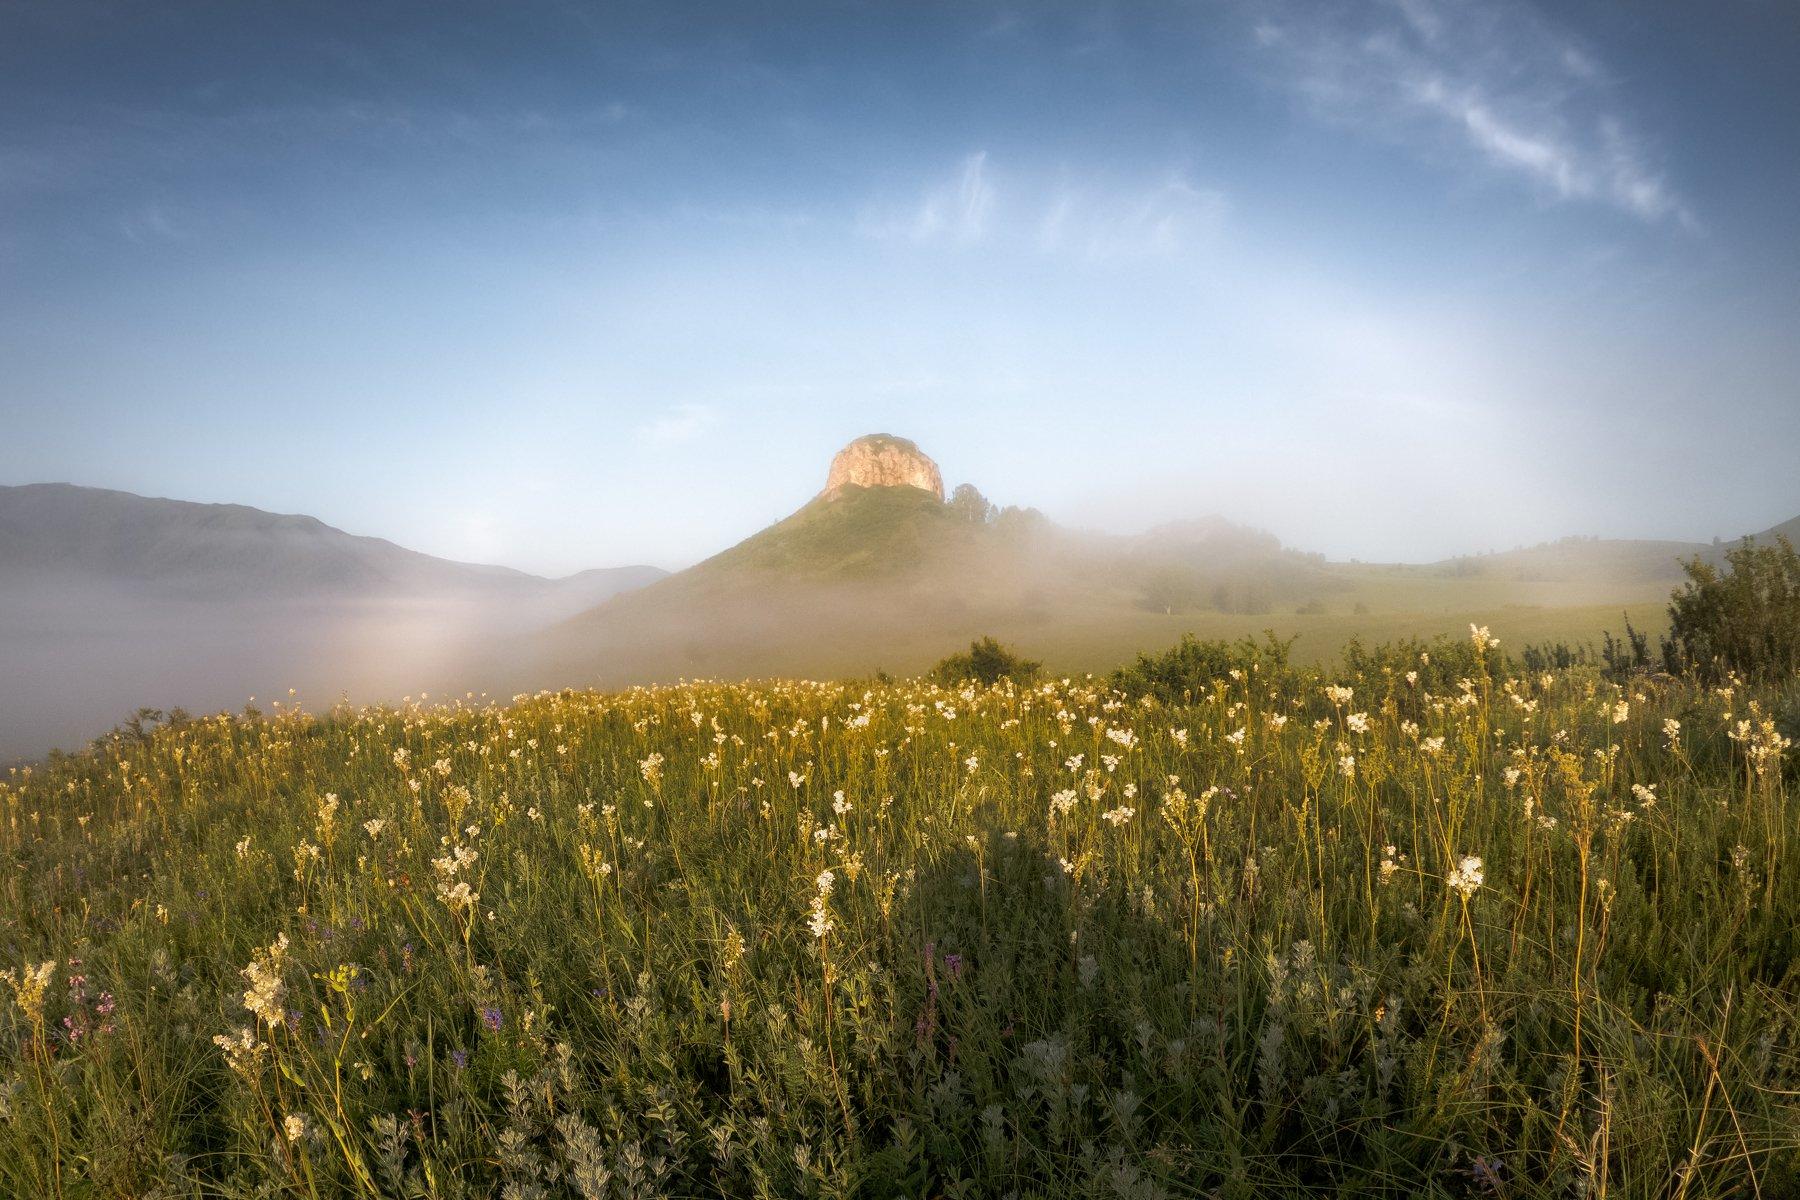 #тропалаксмана #тропаэрикалаксмана #тигирекскийзаповедник #алтай #западныйалтай #тропа #gopro #goprohero7 #goprohero7blackedition #гало #halo #mountain #hill #landscape #morning, Денис Соломахин